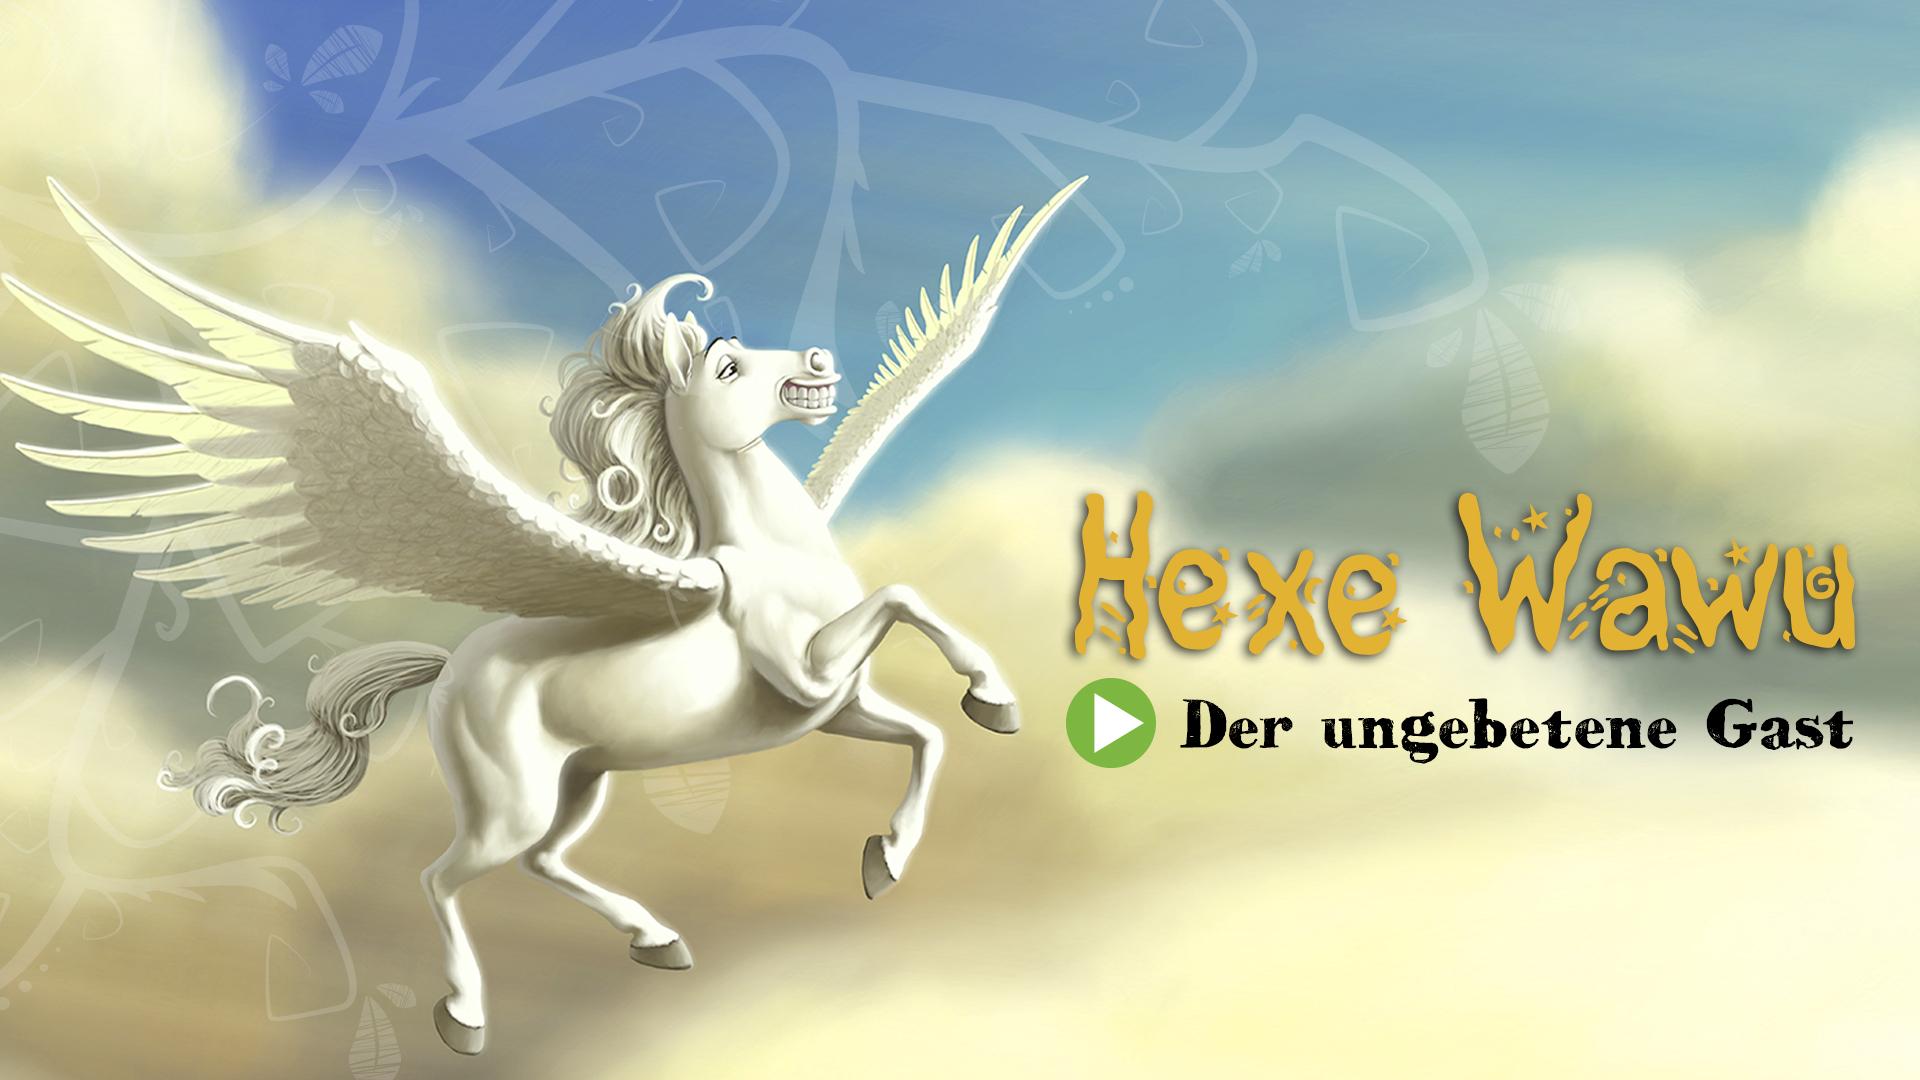 """[FREEBIE] Gratis Hörspiel für Kinder: """"Hexe Wawu - Der ungebetene Gast"""""""